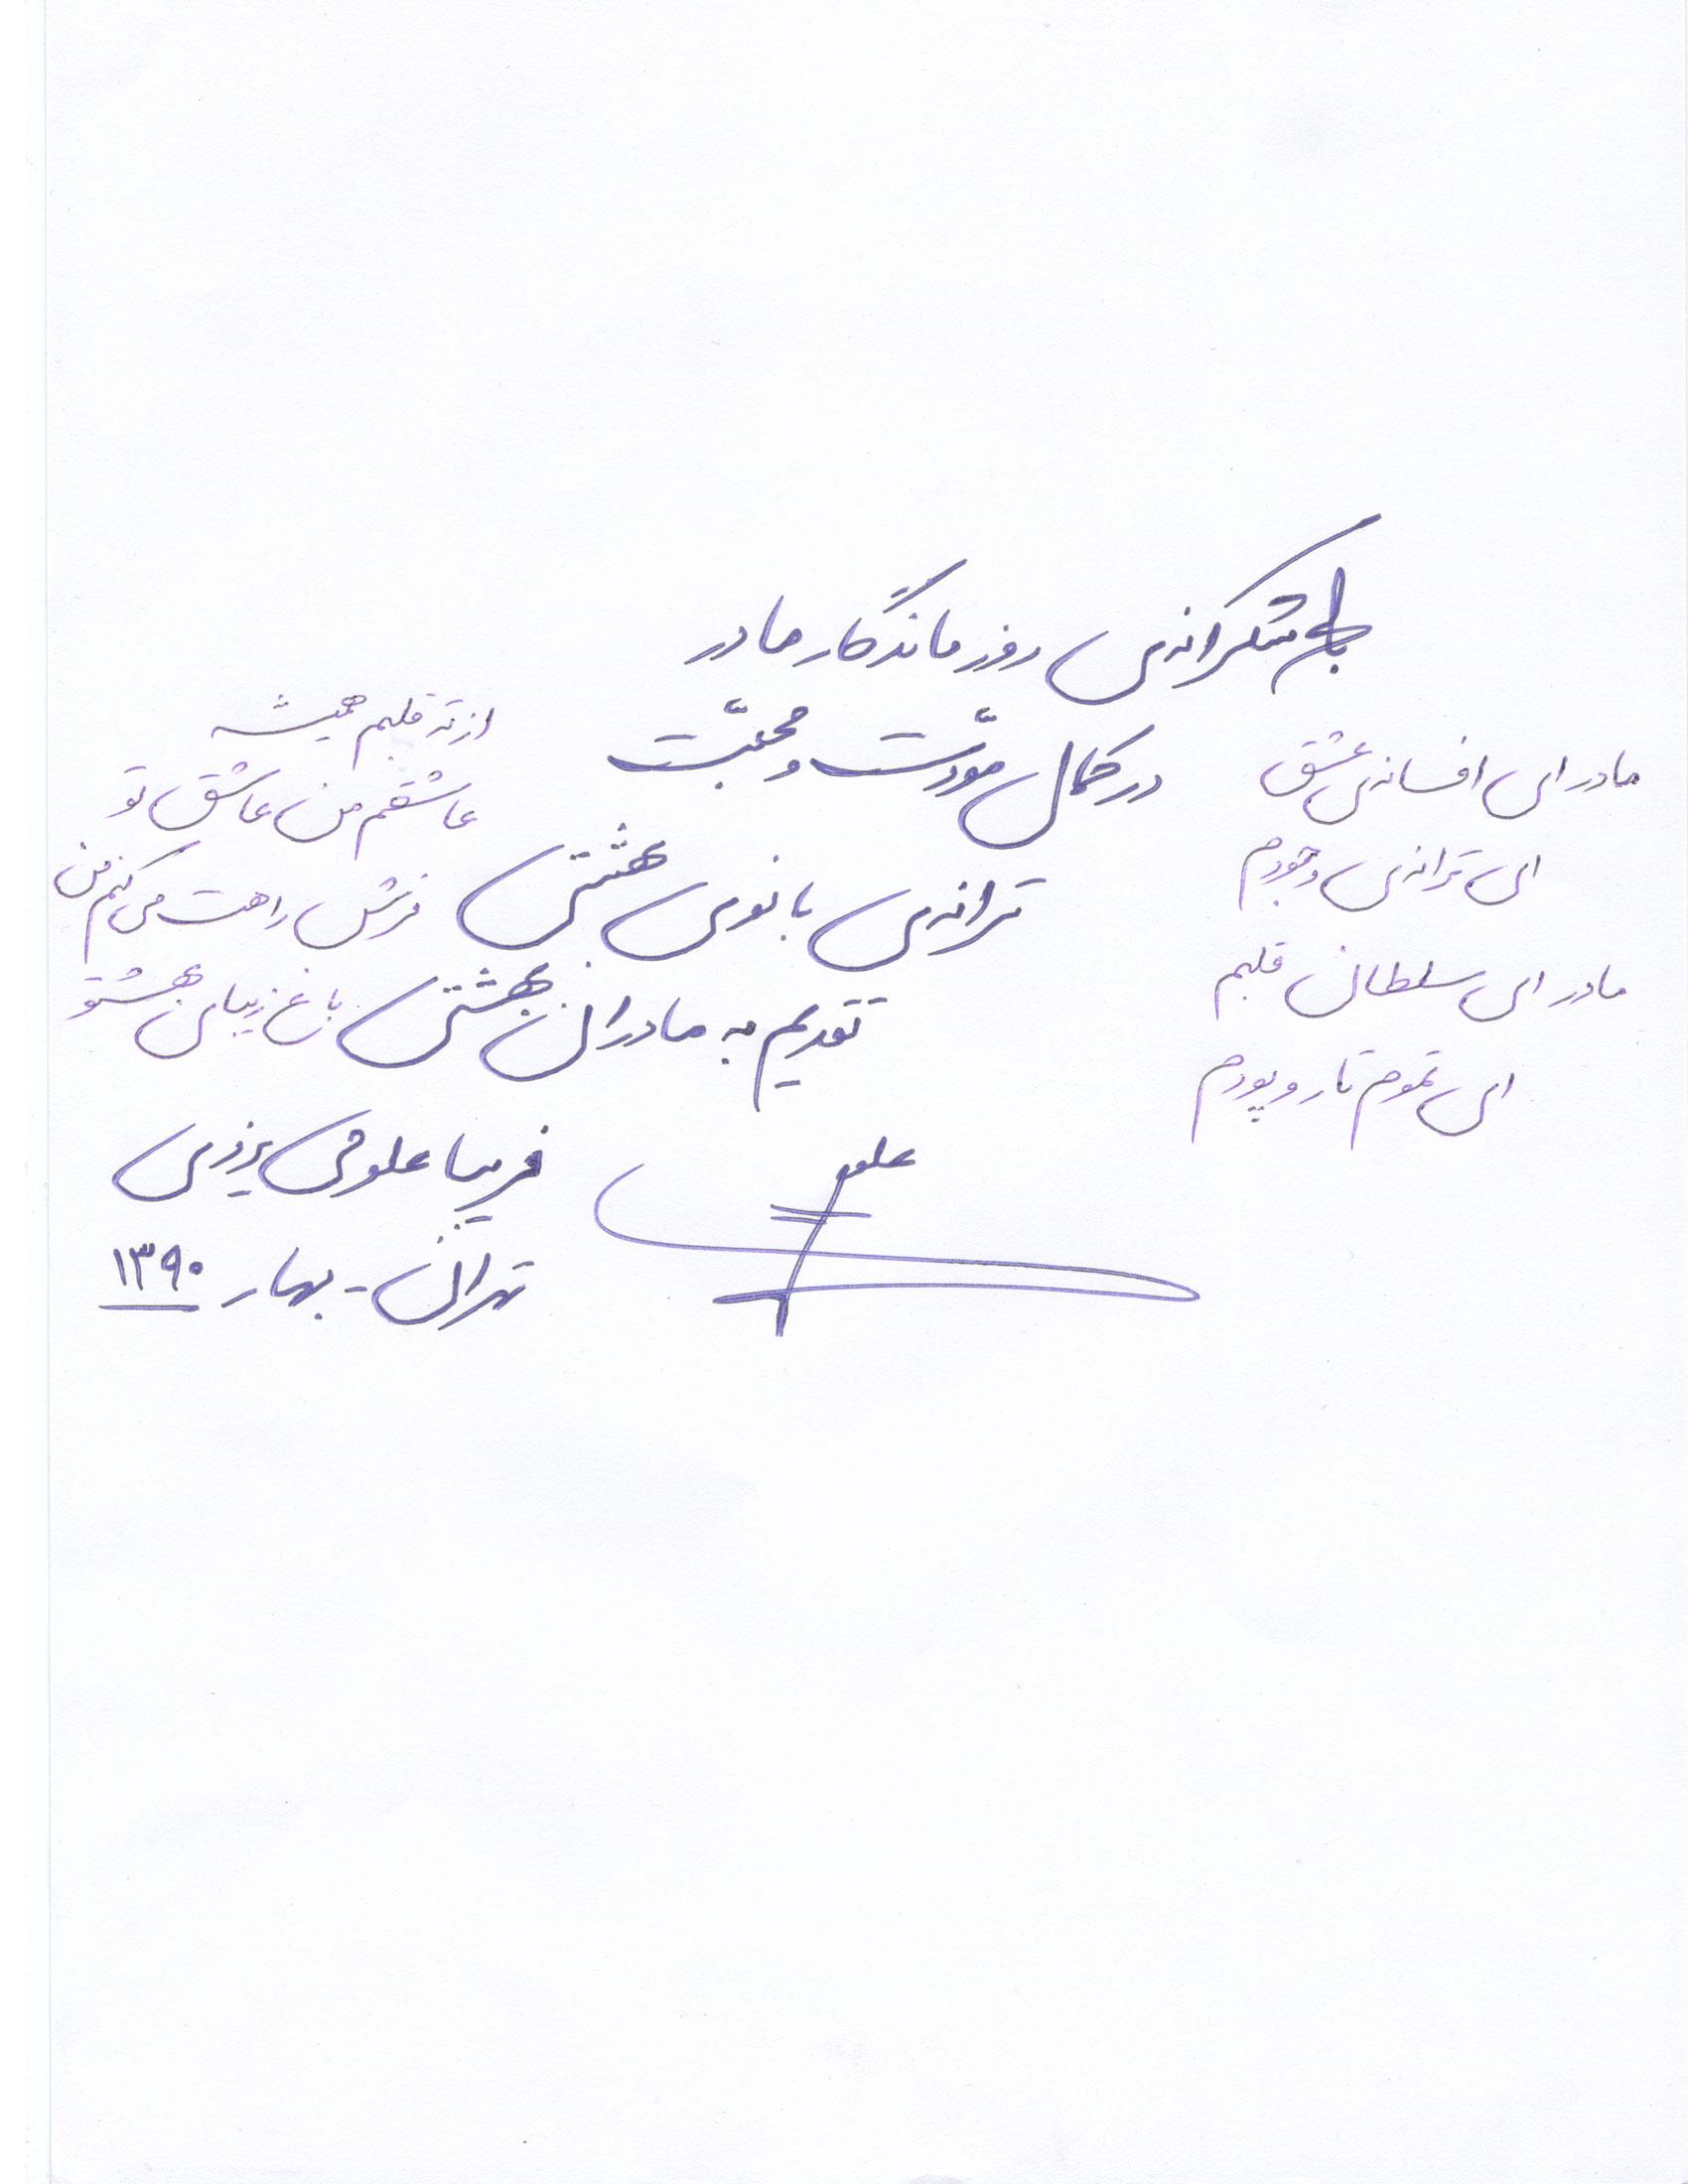 هدیه روز مادر ترانه بانوی بهشتی با دست خط فریبا علومی یزدی